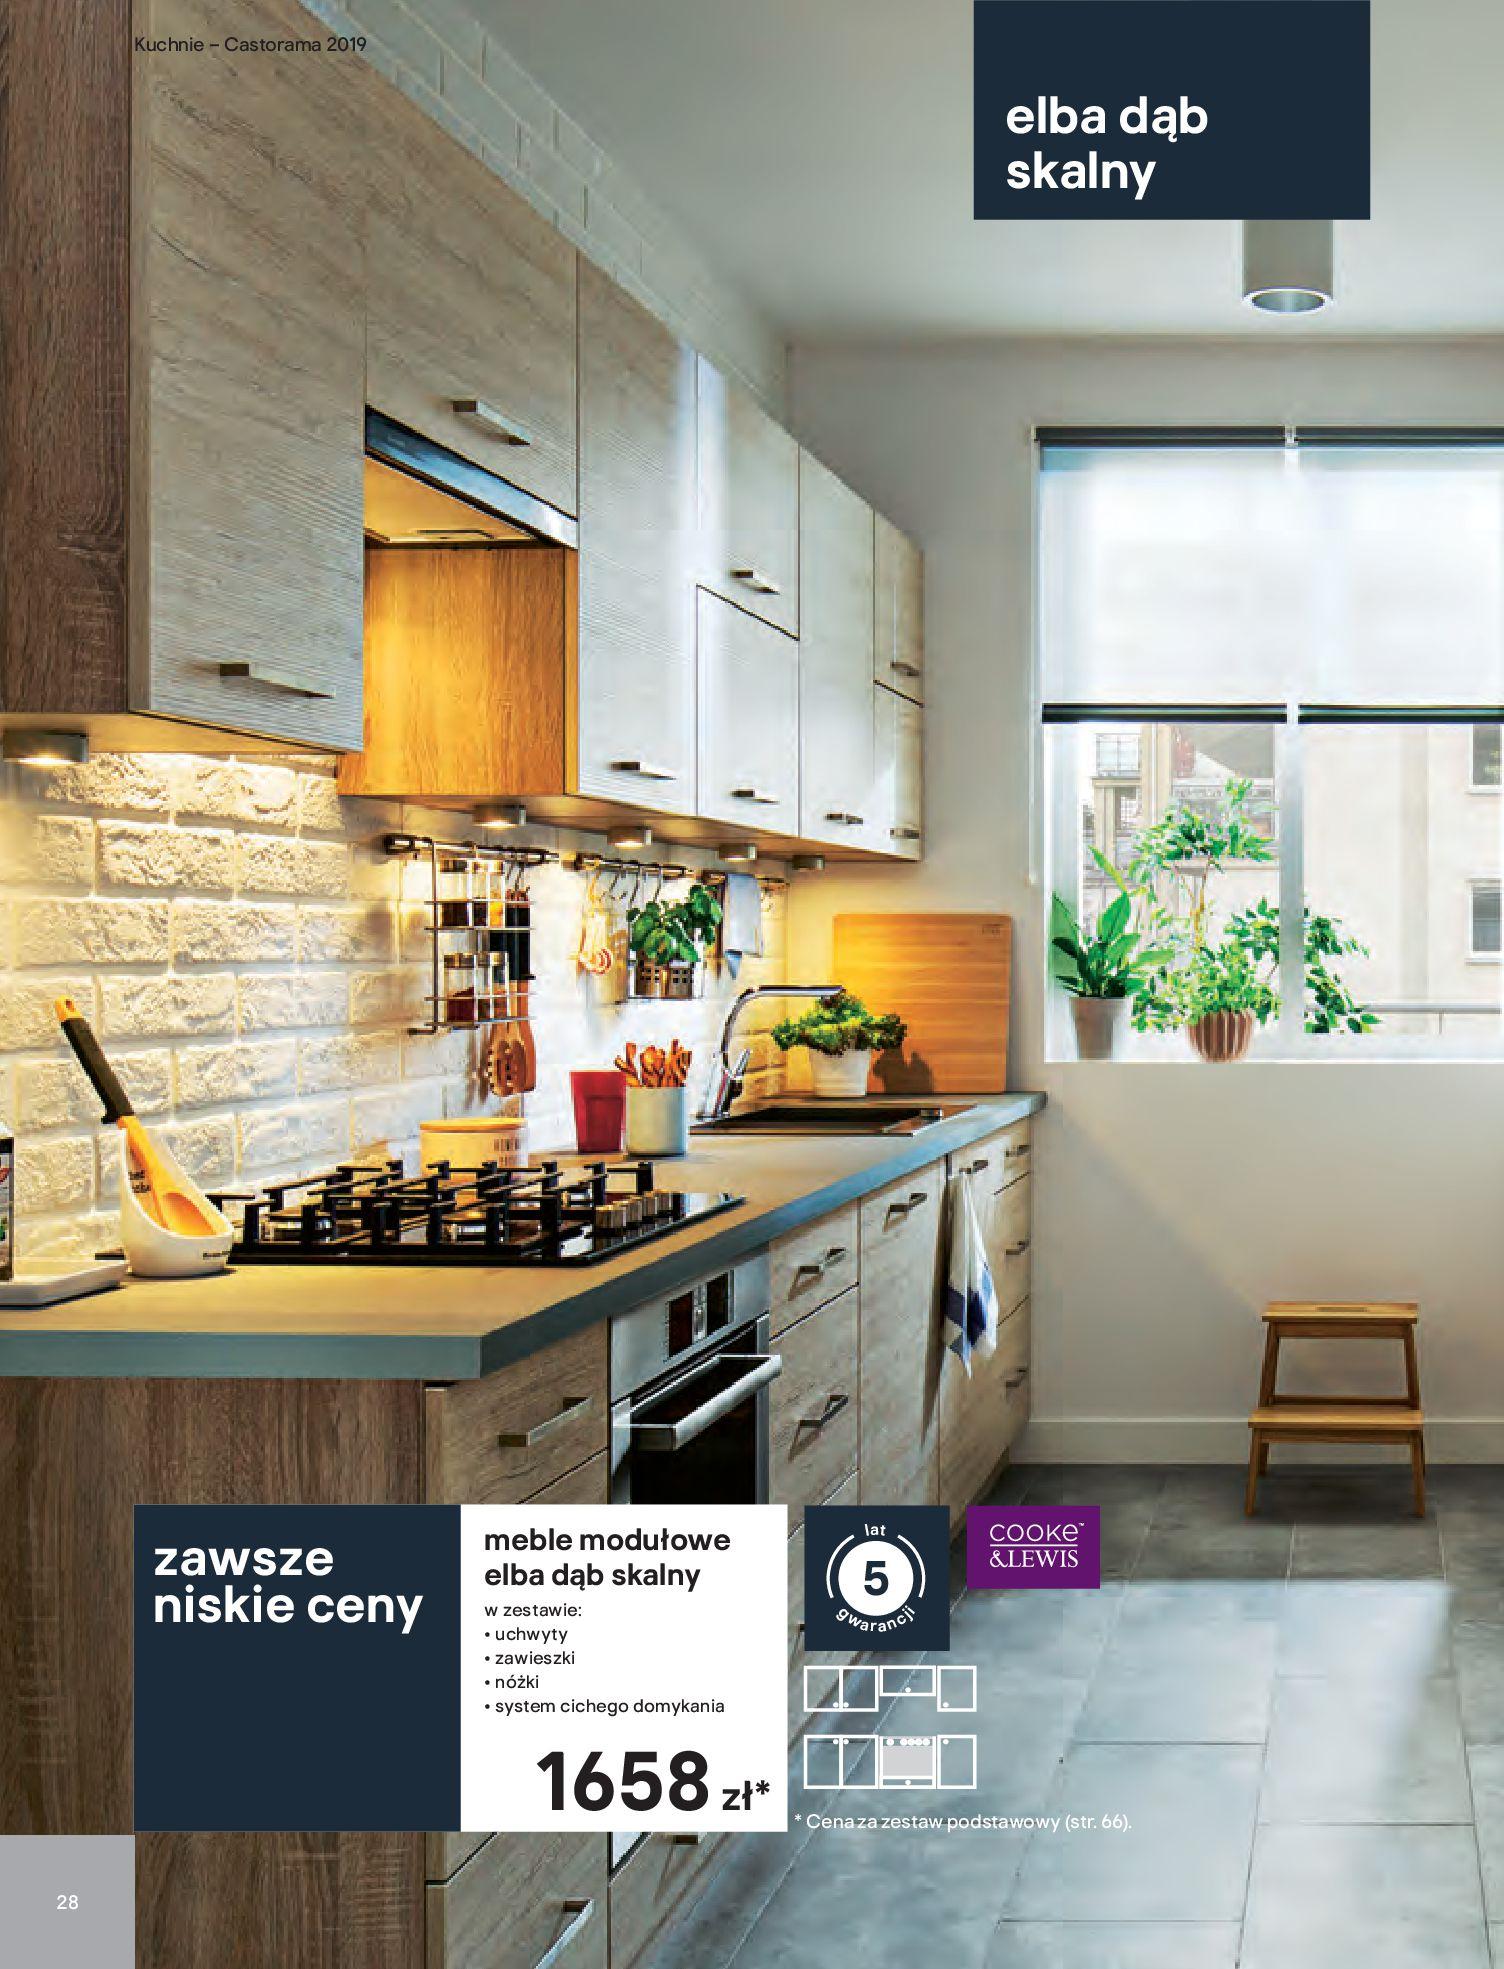 Gazetka Castorama Katalog Kuchnie 2019 Na Goodiepl